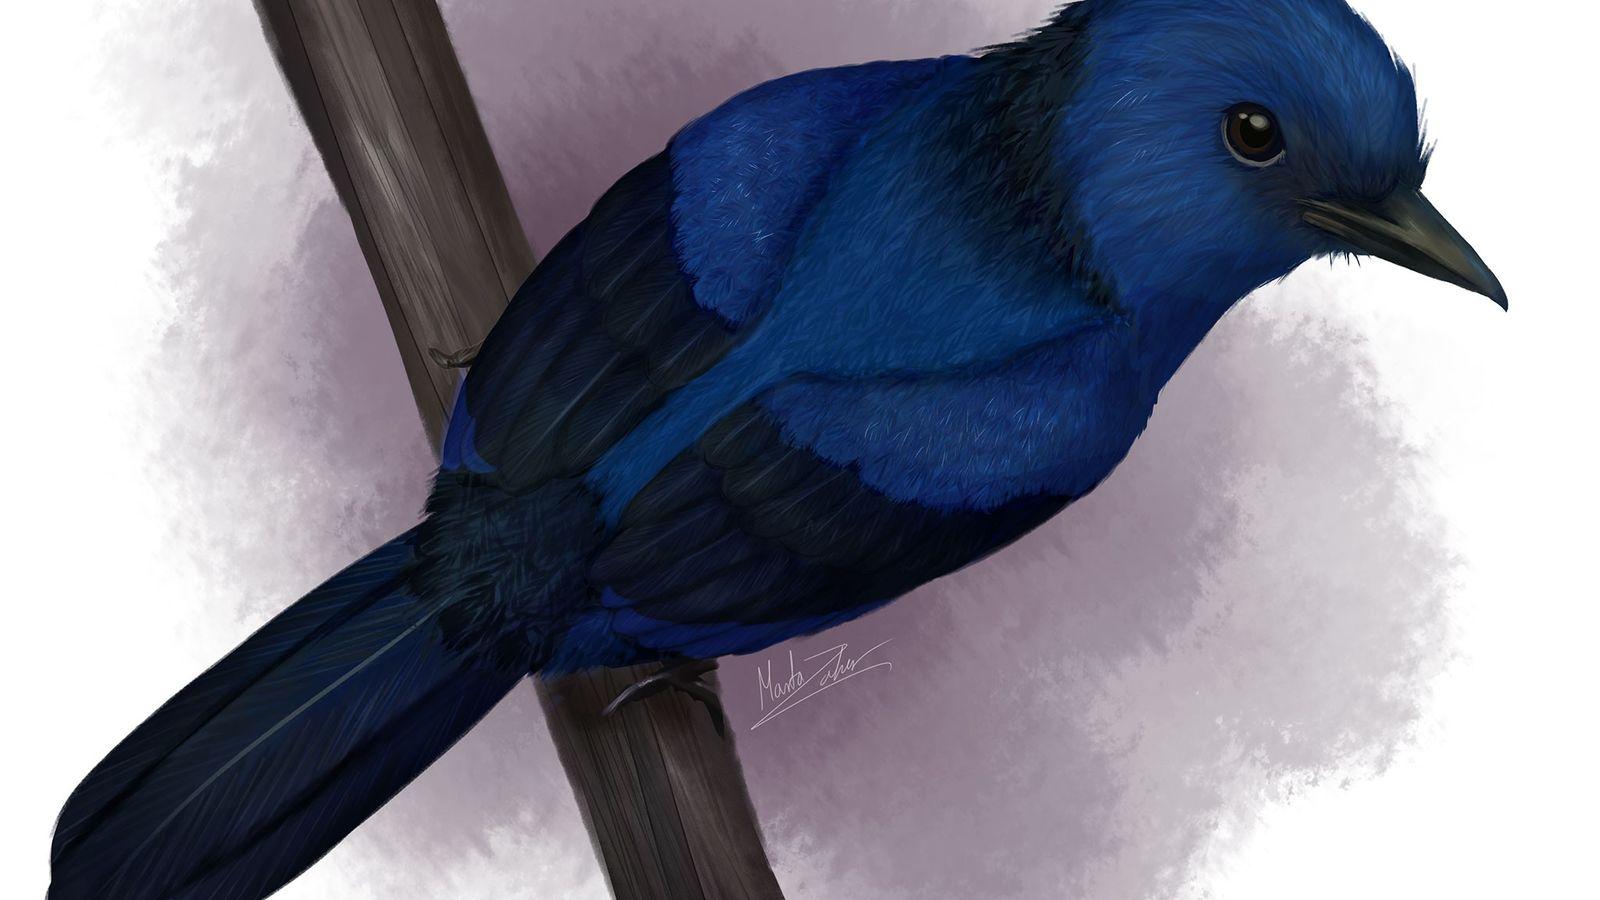 Selon les analyses des chercheurs, le plumage d'Eocoracias brachyptera aurait été bleu. Cette oiseau vivait il ...